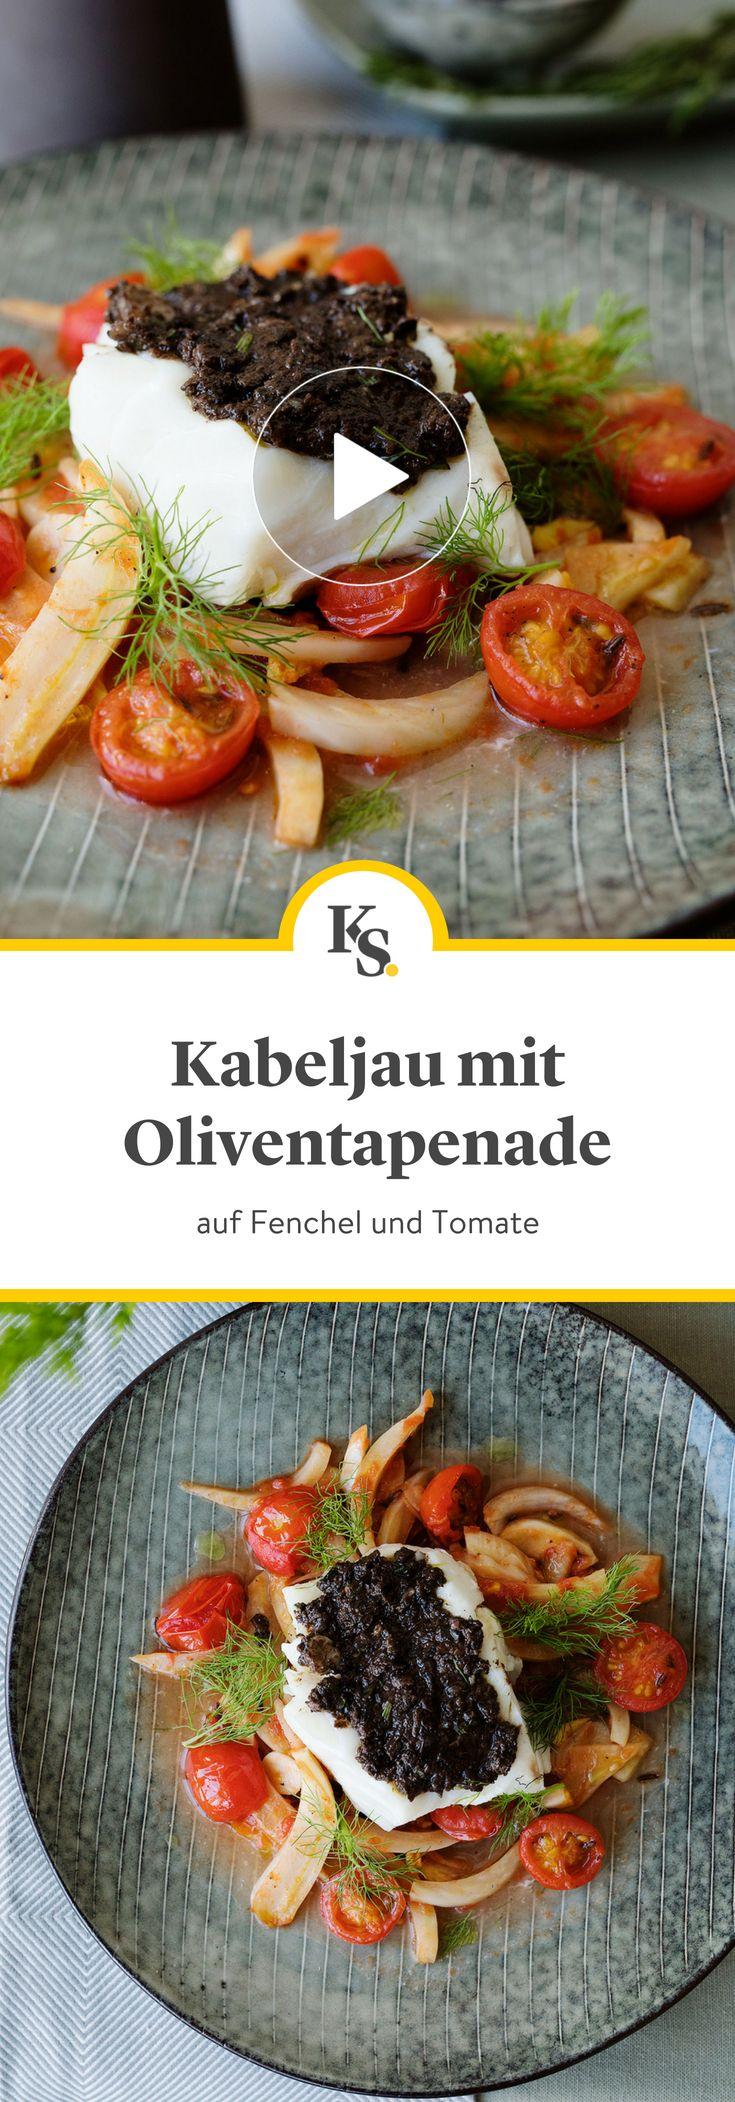 Kabeljau mit Oliventapenade auf Fenchel und Tomate